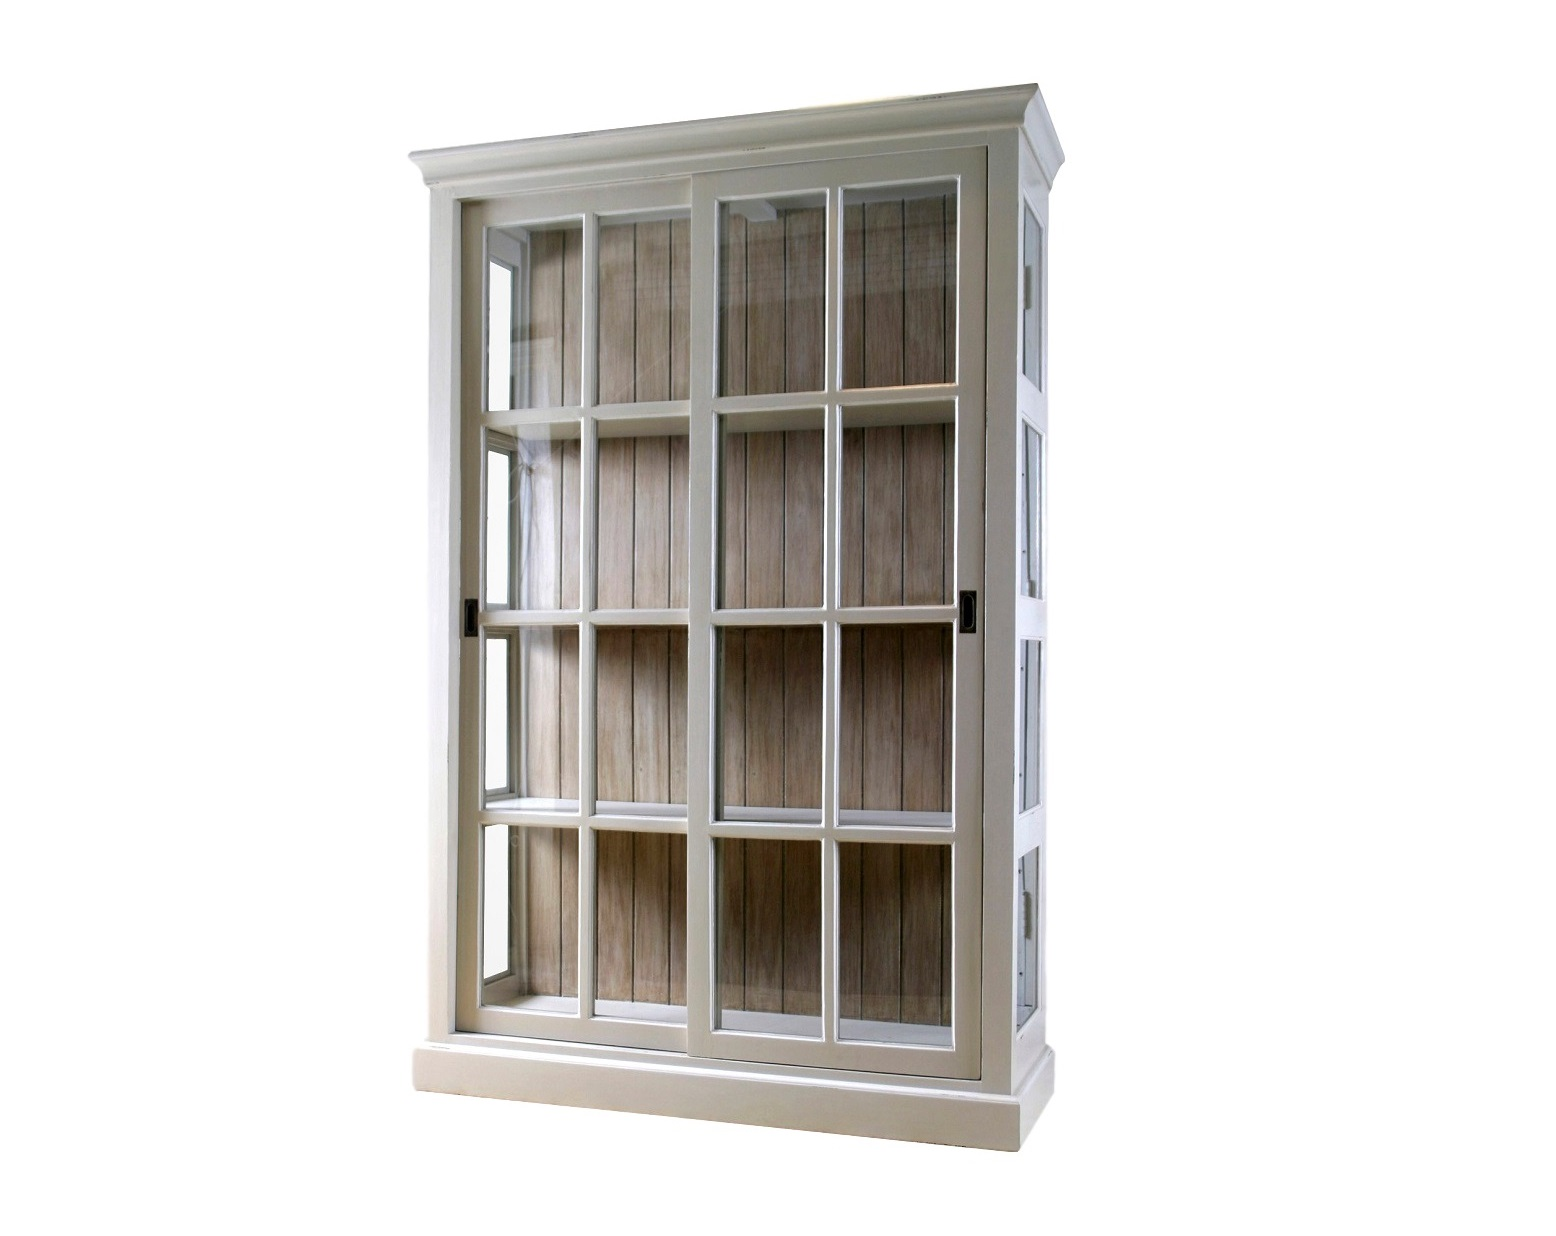 Витрина КлариссаВитрины<br>Библиотека-витрина из дерева махагони,дверцы раздвижные со стеклом.<br><br>Material: Дерево<br>Width см: 140<br>Depth см: 51<br>Height см: 208